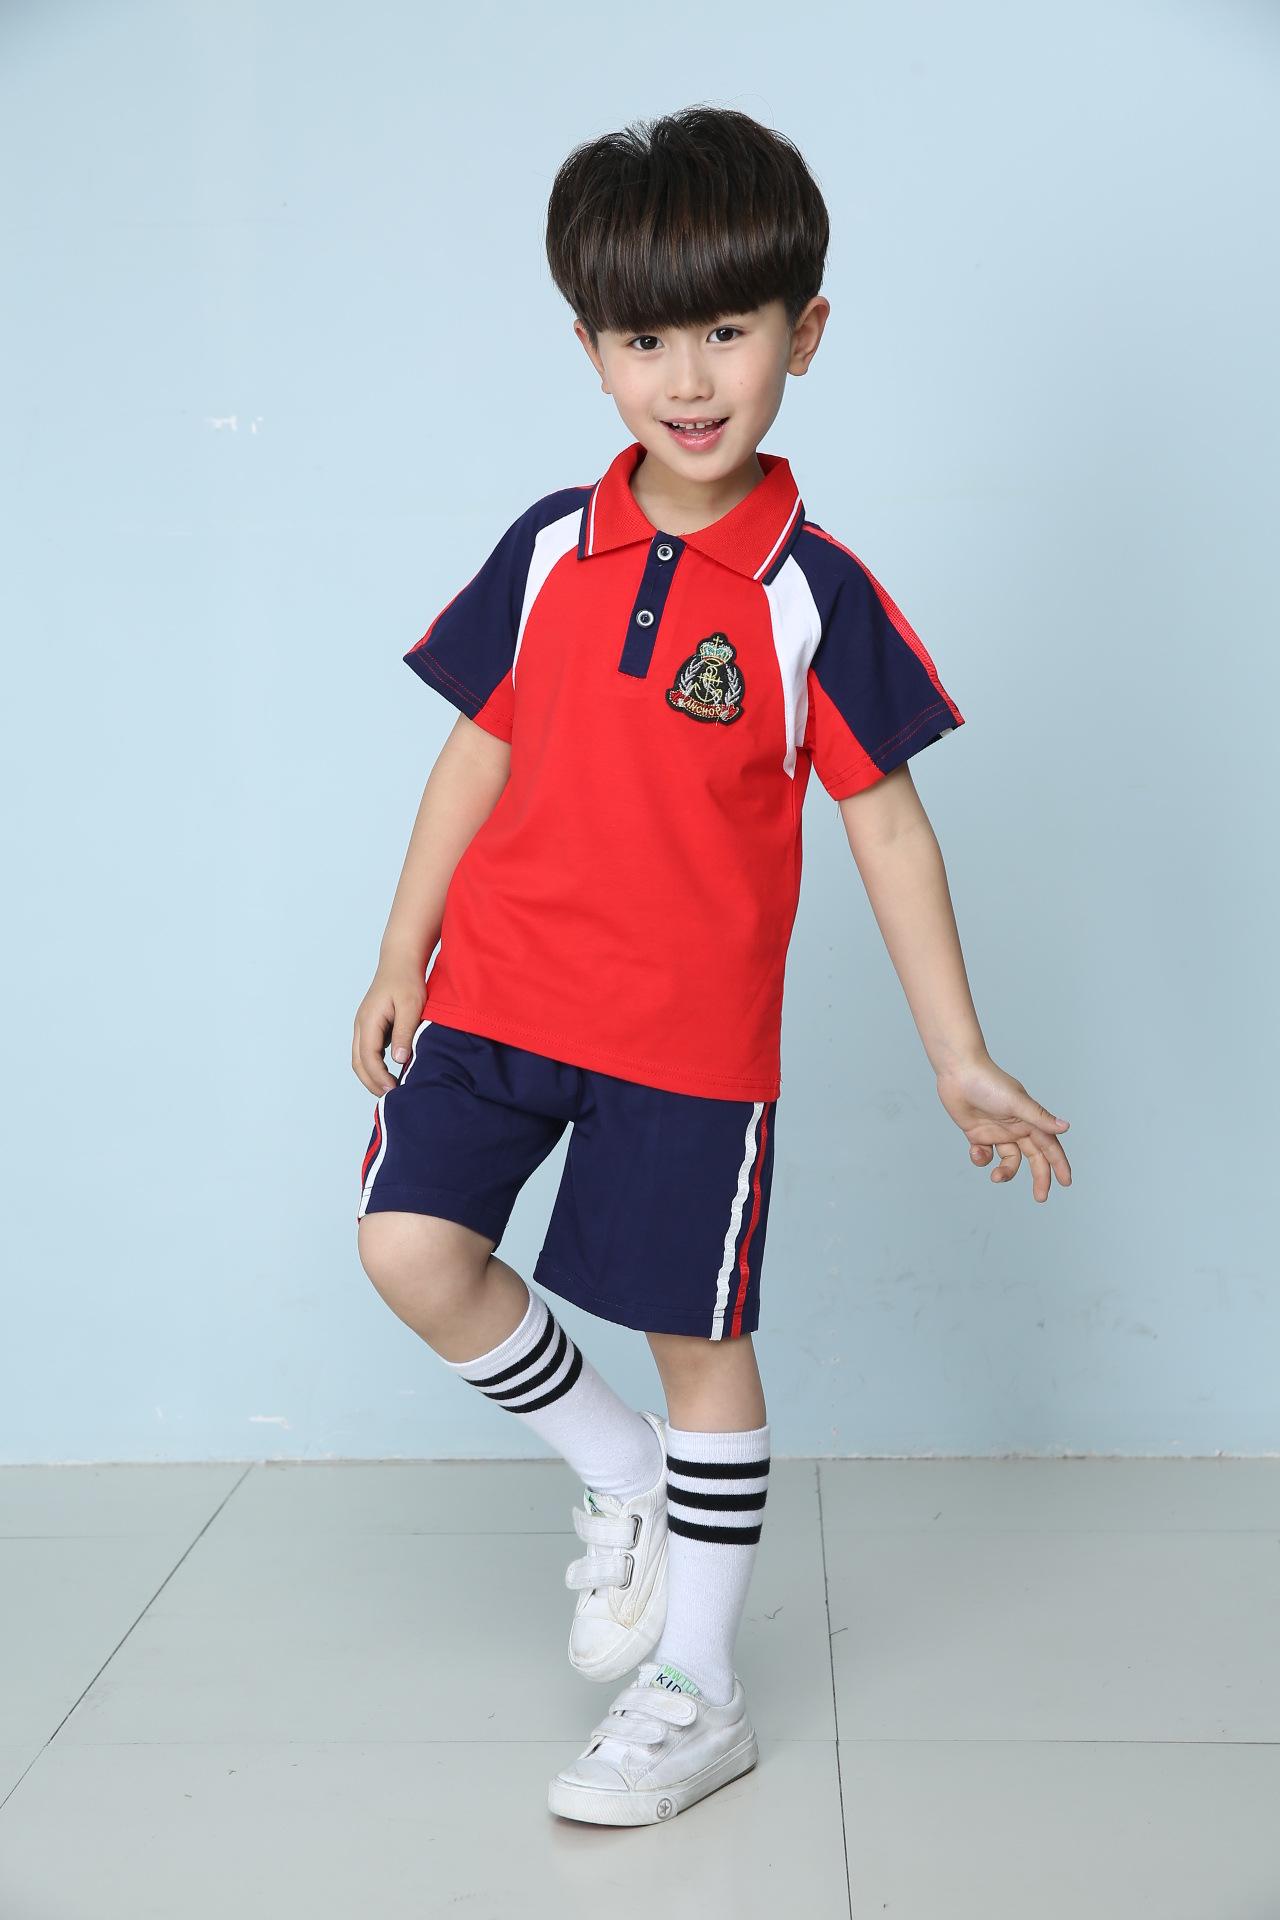 夏季套装2016新款幼儿园园服小学校服班服 男生 160码适合150cm身高